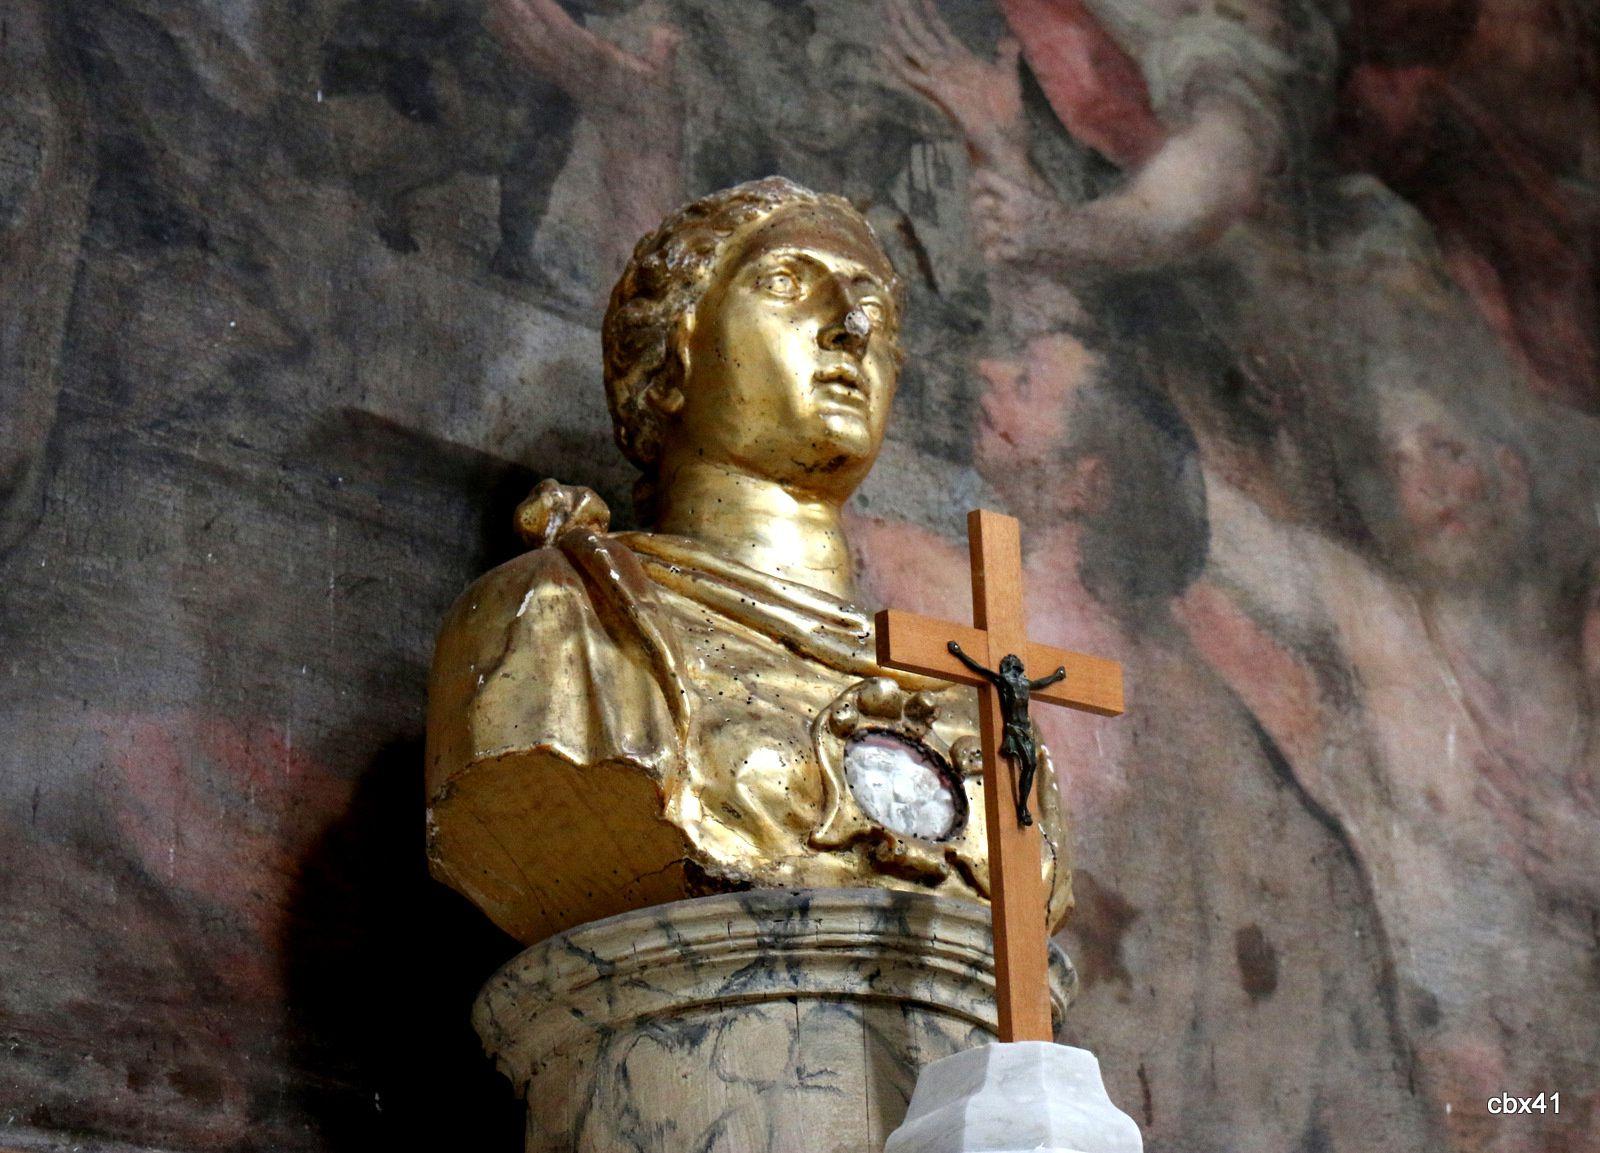 Buste de sainte Lucie vierge et martyre, cathédrale de Lipari